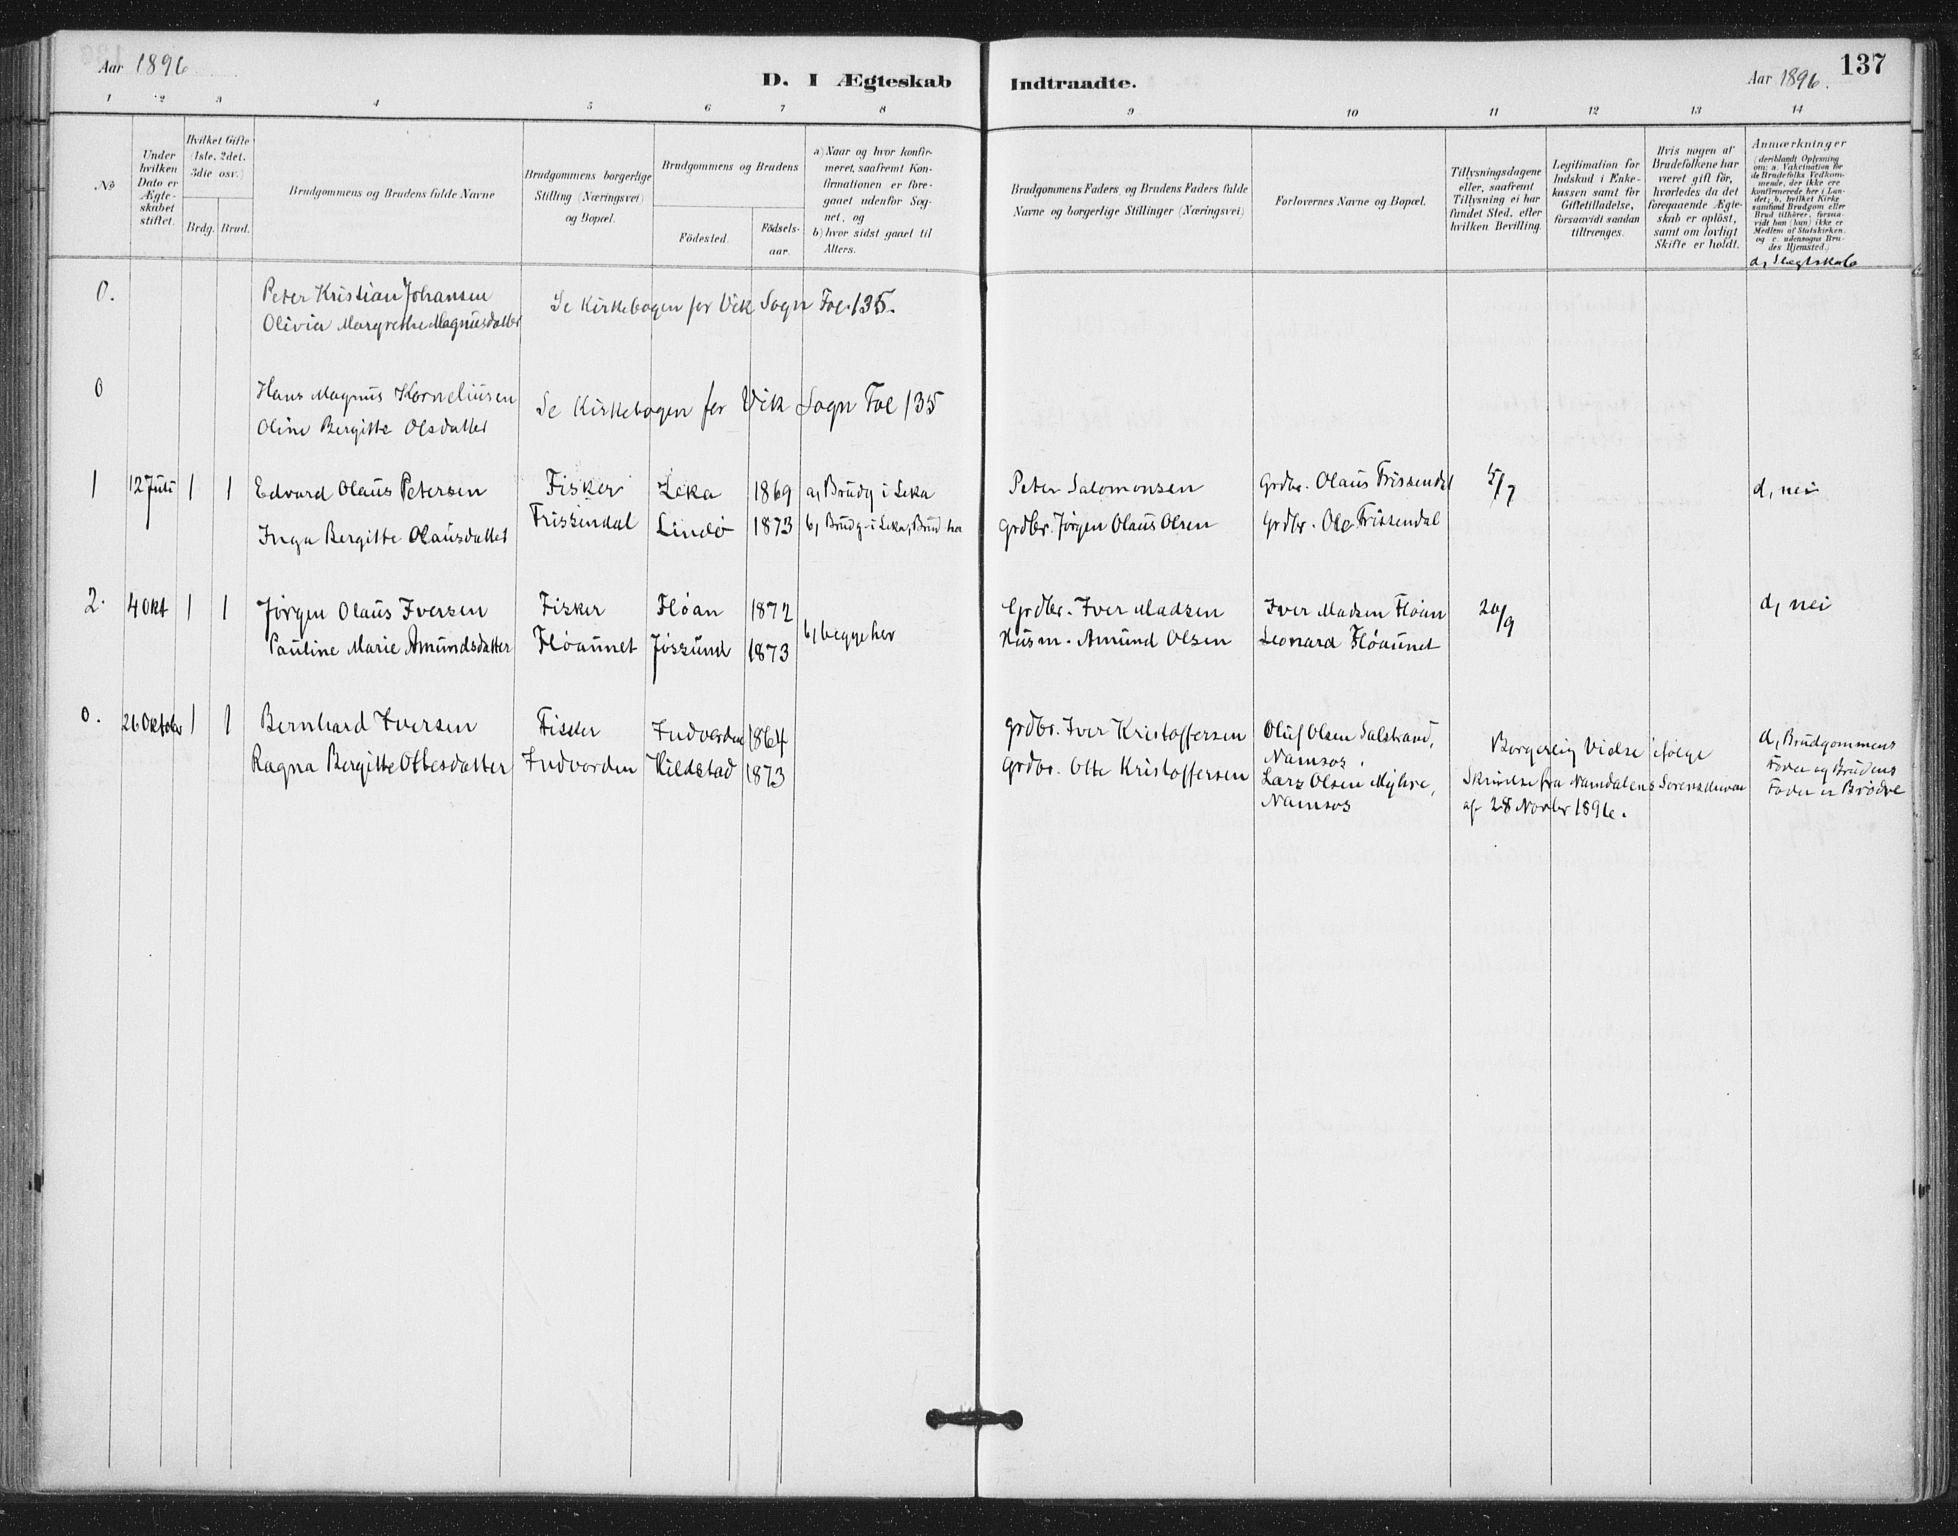 SAT, Ministerialprotokoller, klokkerbøker og fødselsregistre - Nord-Trøndelag, 772/L0603: Ministerialbok nr. 772A01, 1885-1912, s. 137